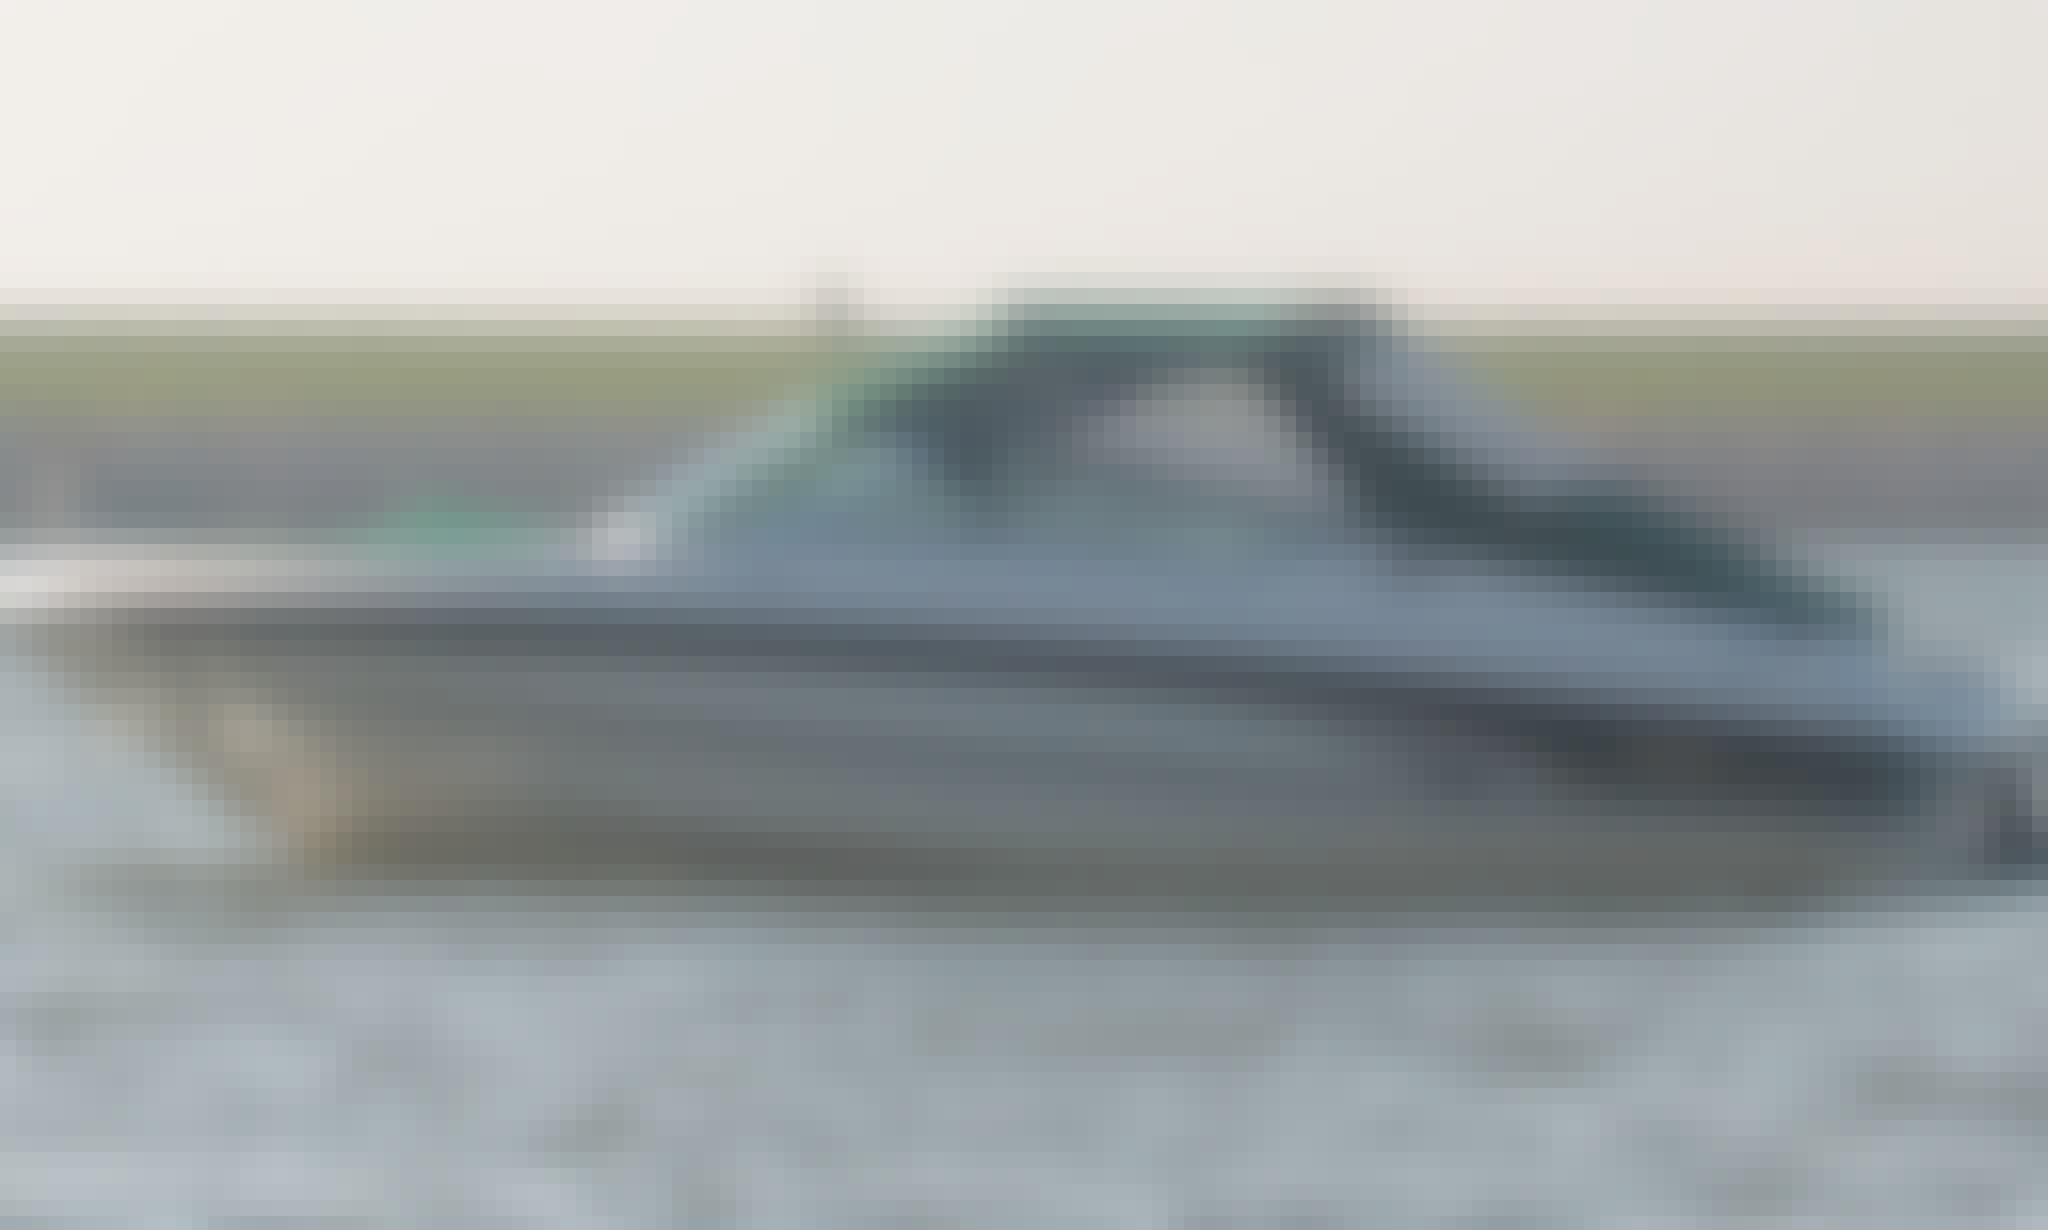 20' Chaparral SS Bowrider Rental in Parker, Colorado